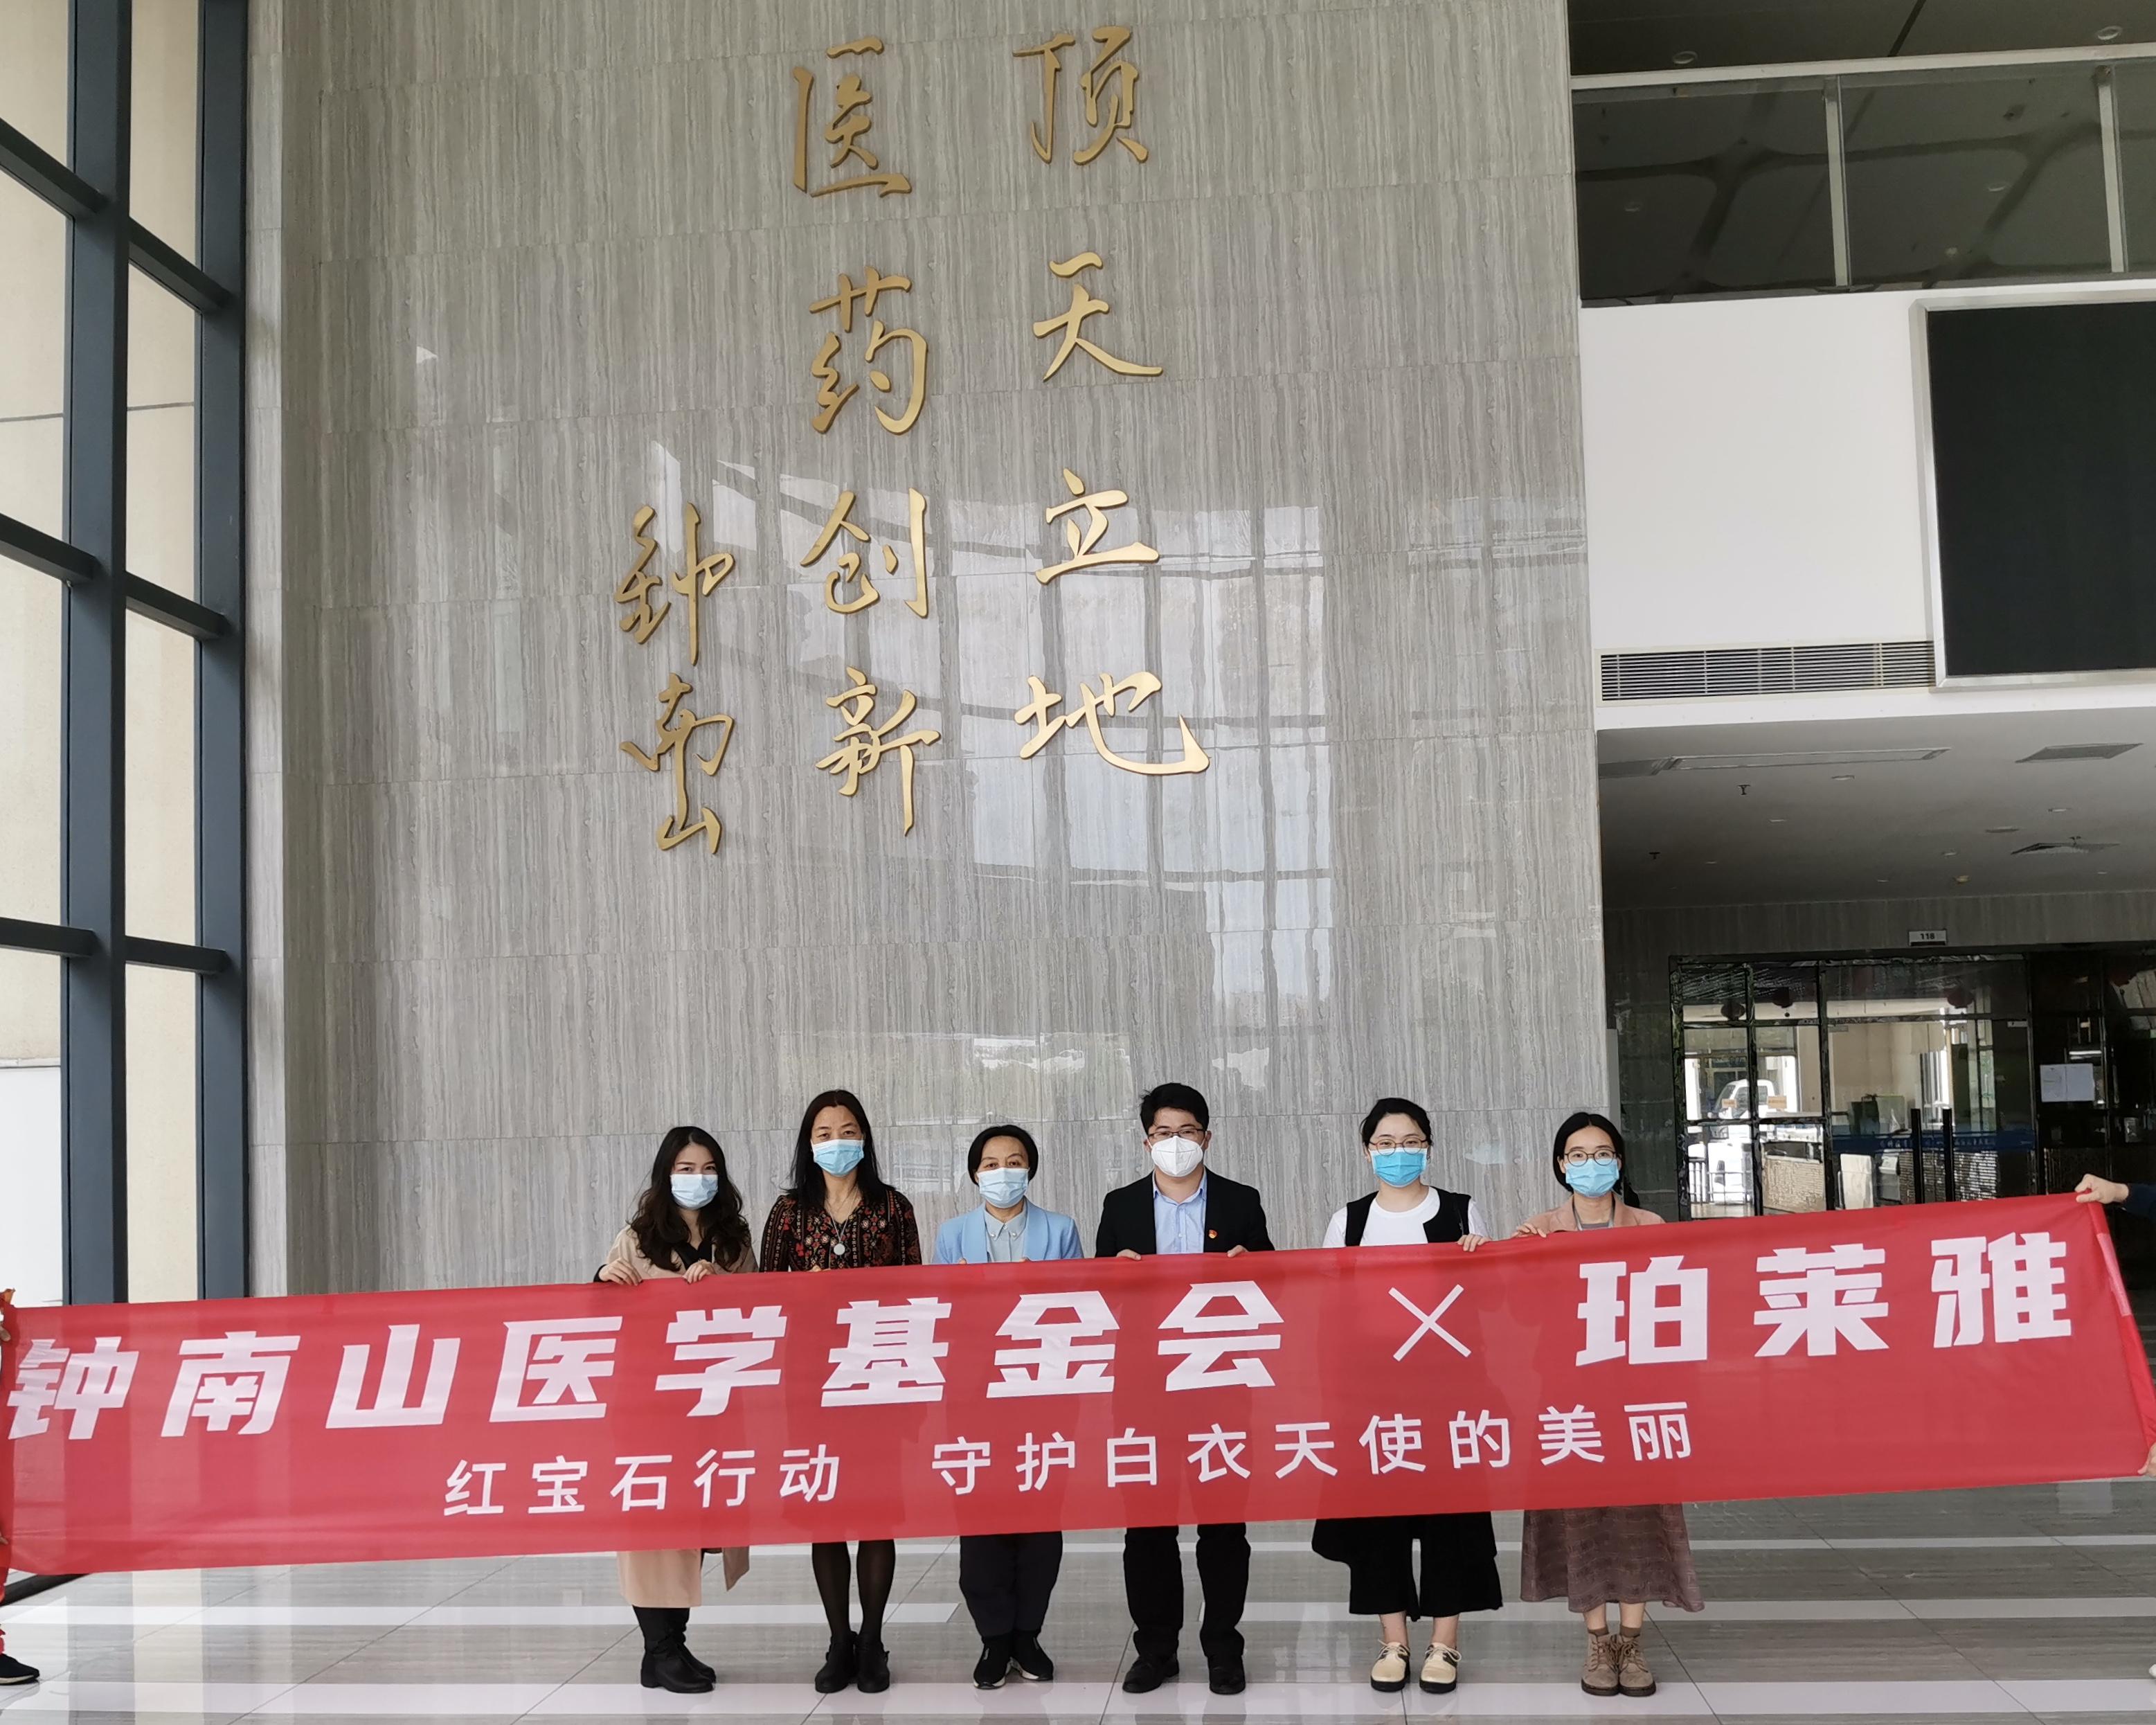 龙8娱乐牵手钟南山医学基金会,定向捐赠600万个护物资支援湖北